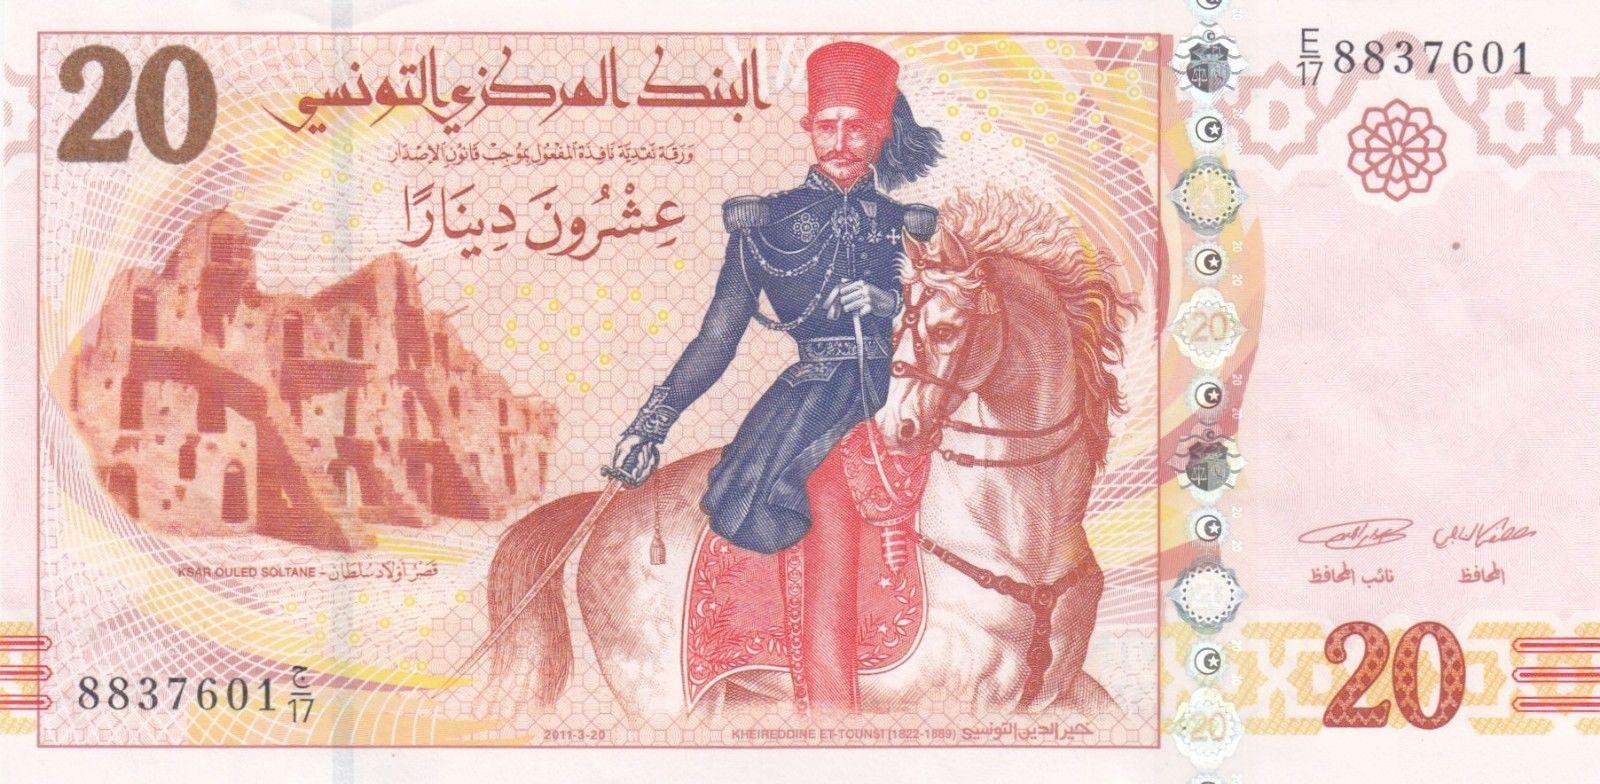 Trader forex tunisie